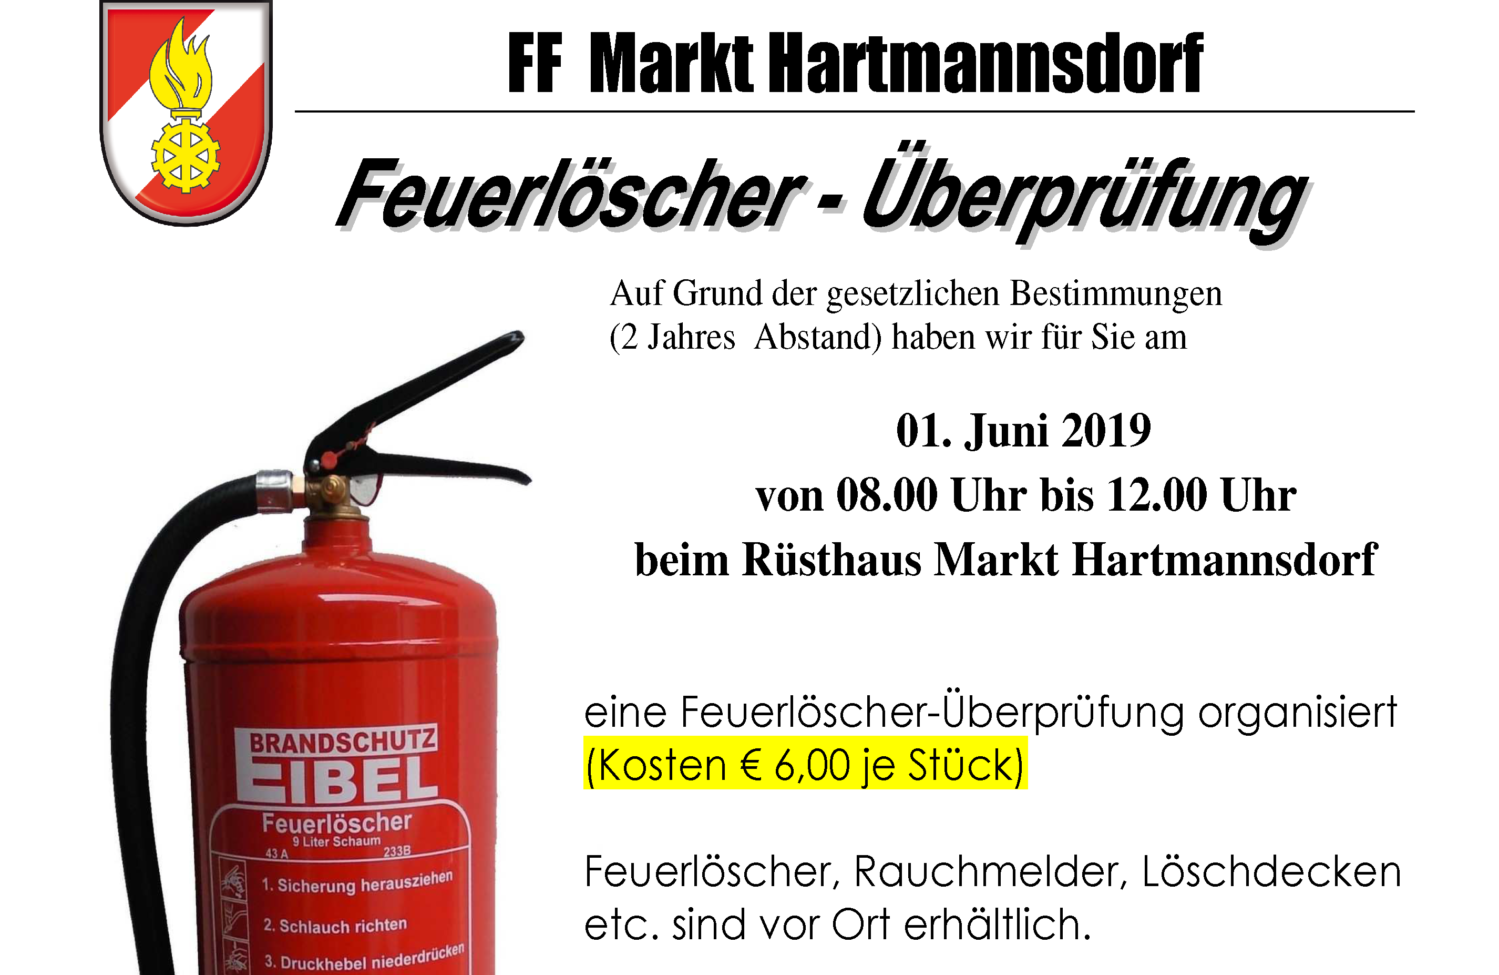 FF Markt Hartmannsdorf